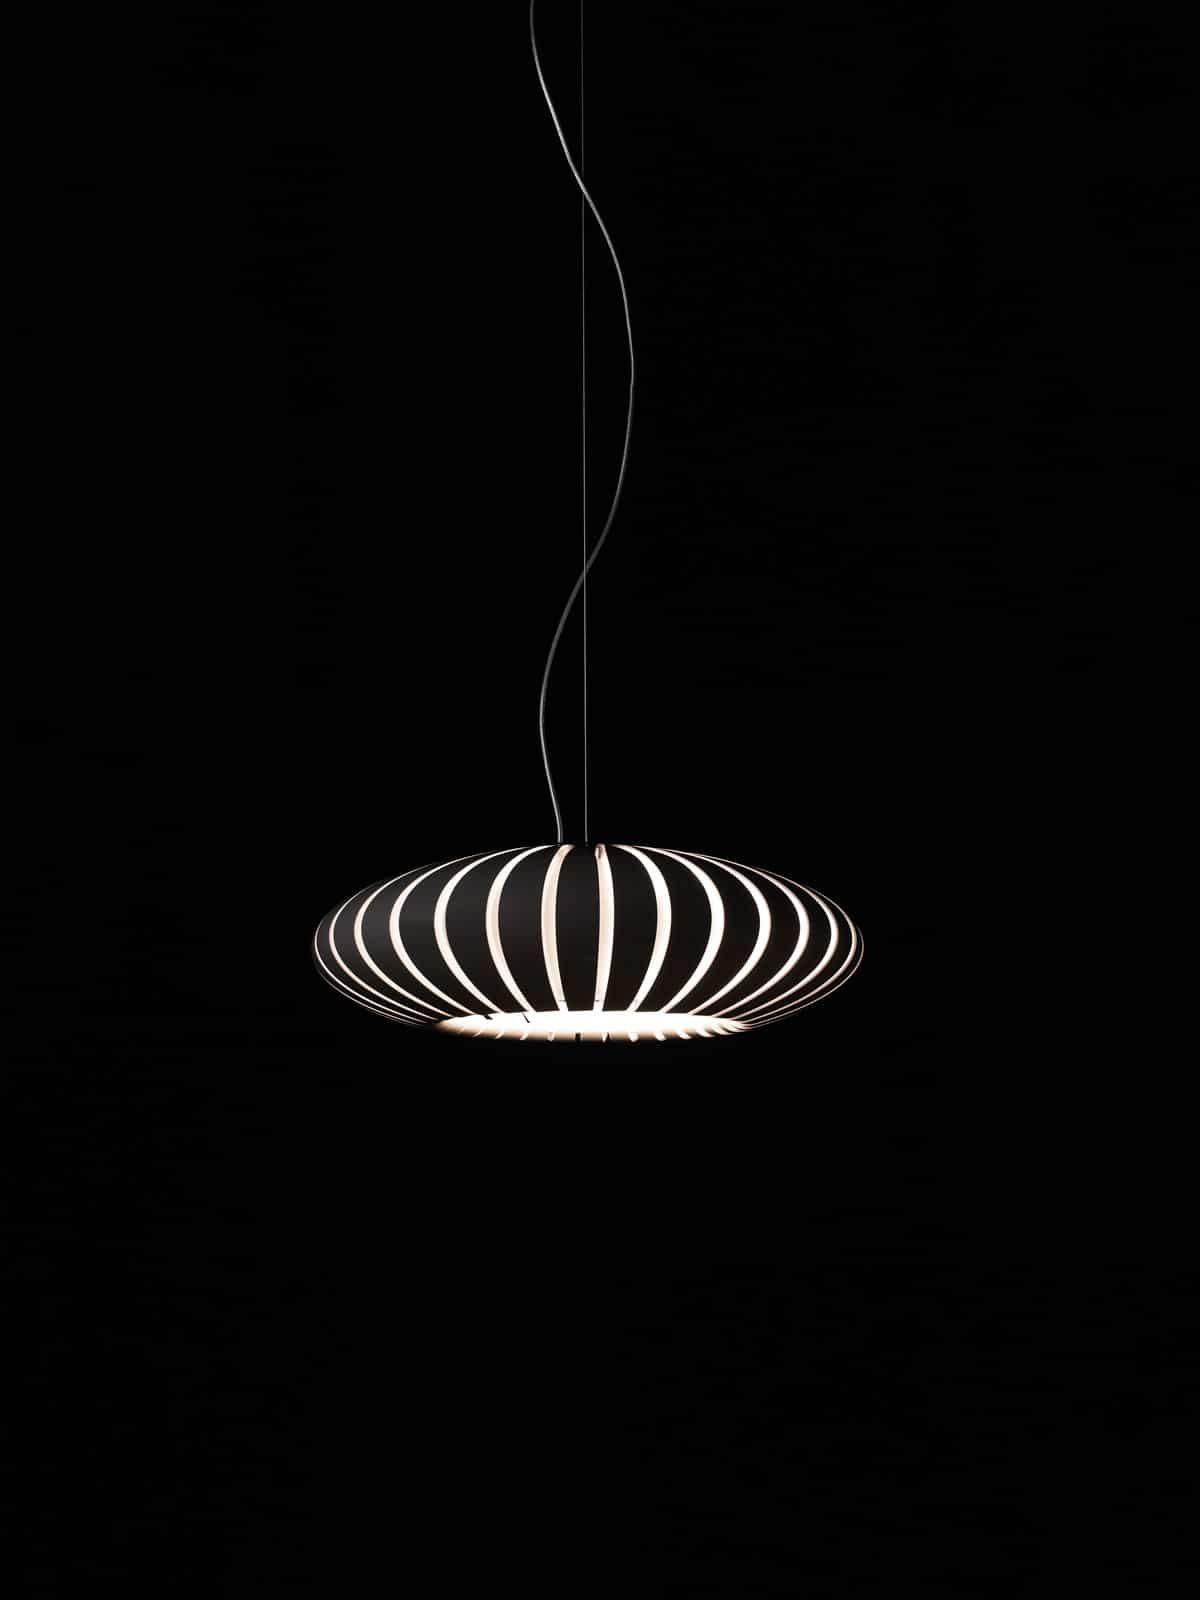 Licht Schatten Effekte Leuchten In Weiss Teil 2 Anhanger Lampen Lampen Und Lampen Und Leuchten